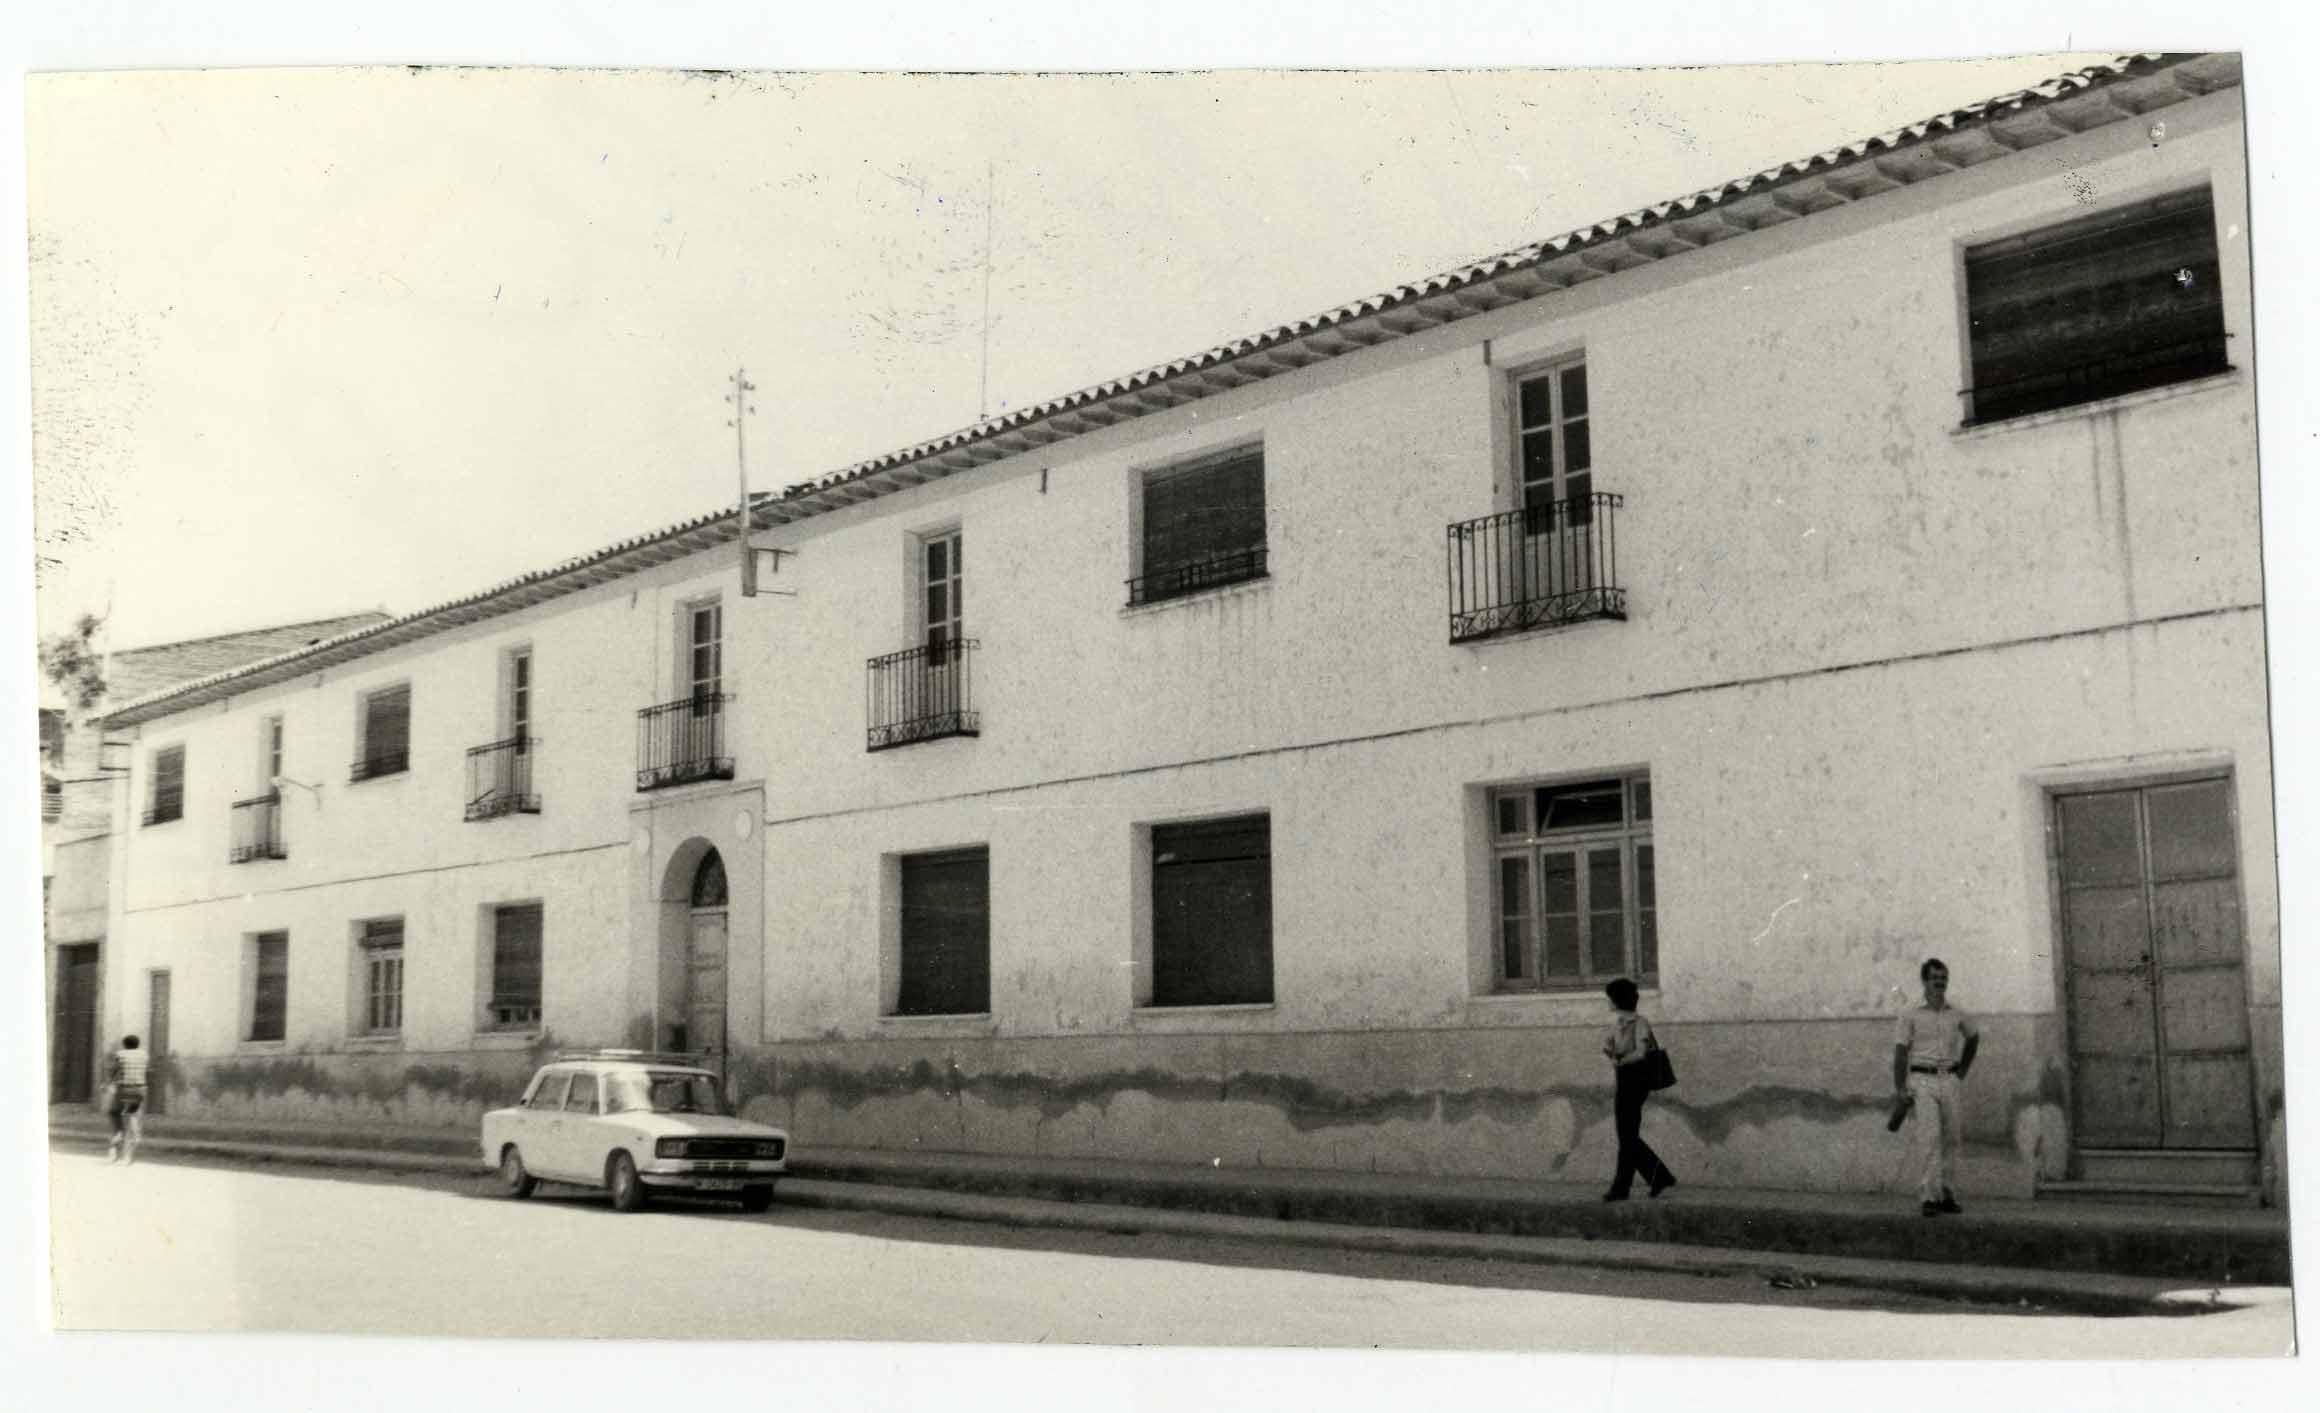 La Puebla de Almoradiel. Antiguas escuelas. 1979 (P-357)